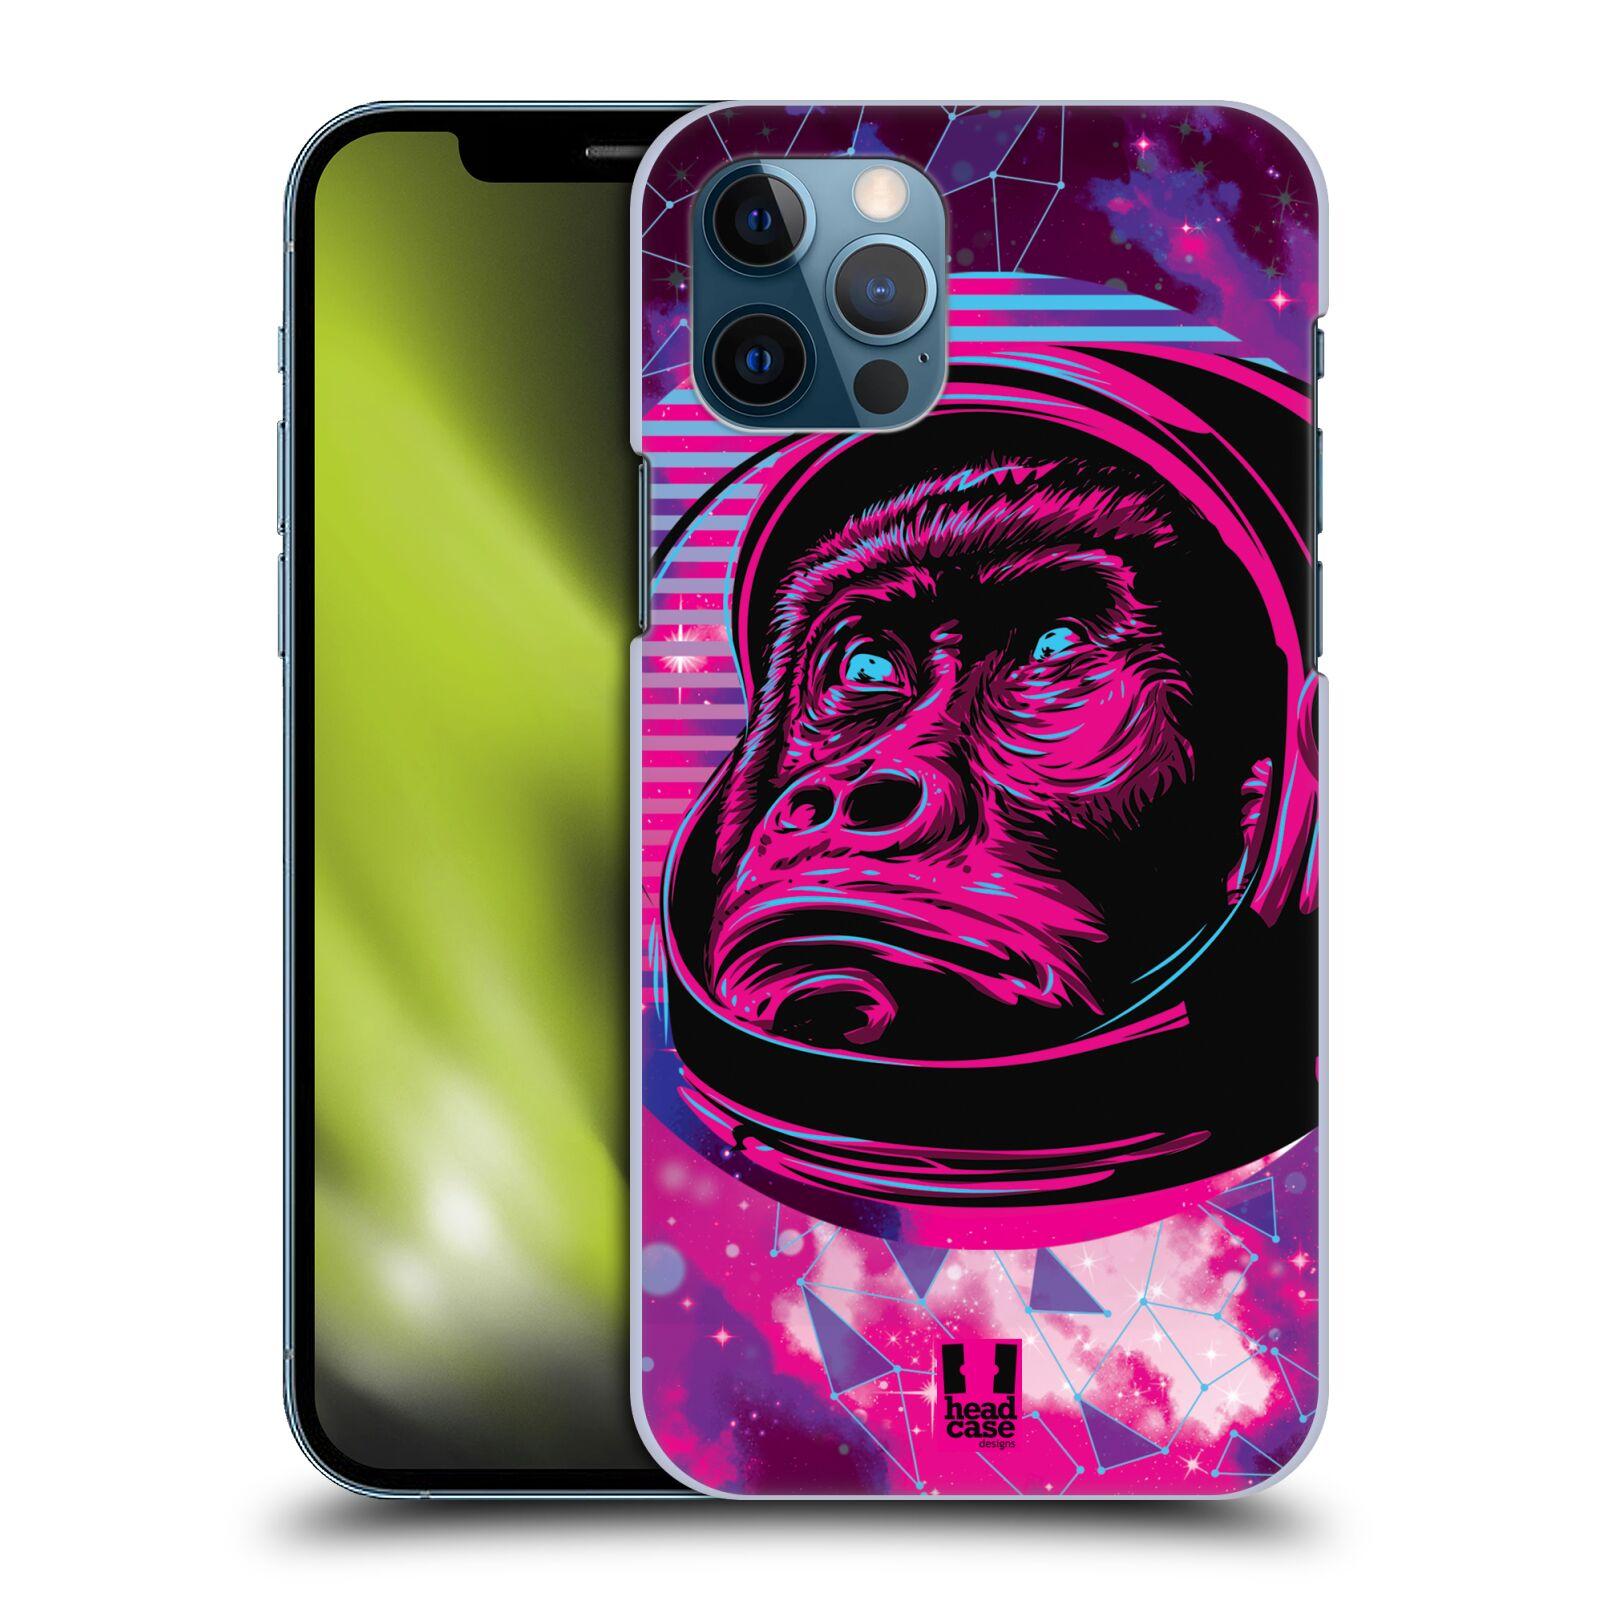 Plastové pouzdro na mobil Apple iPhone 12 / 12 Pro - Head Case - Gorila ve skafandru